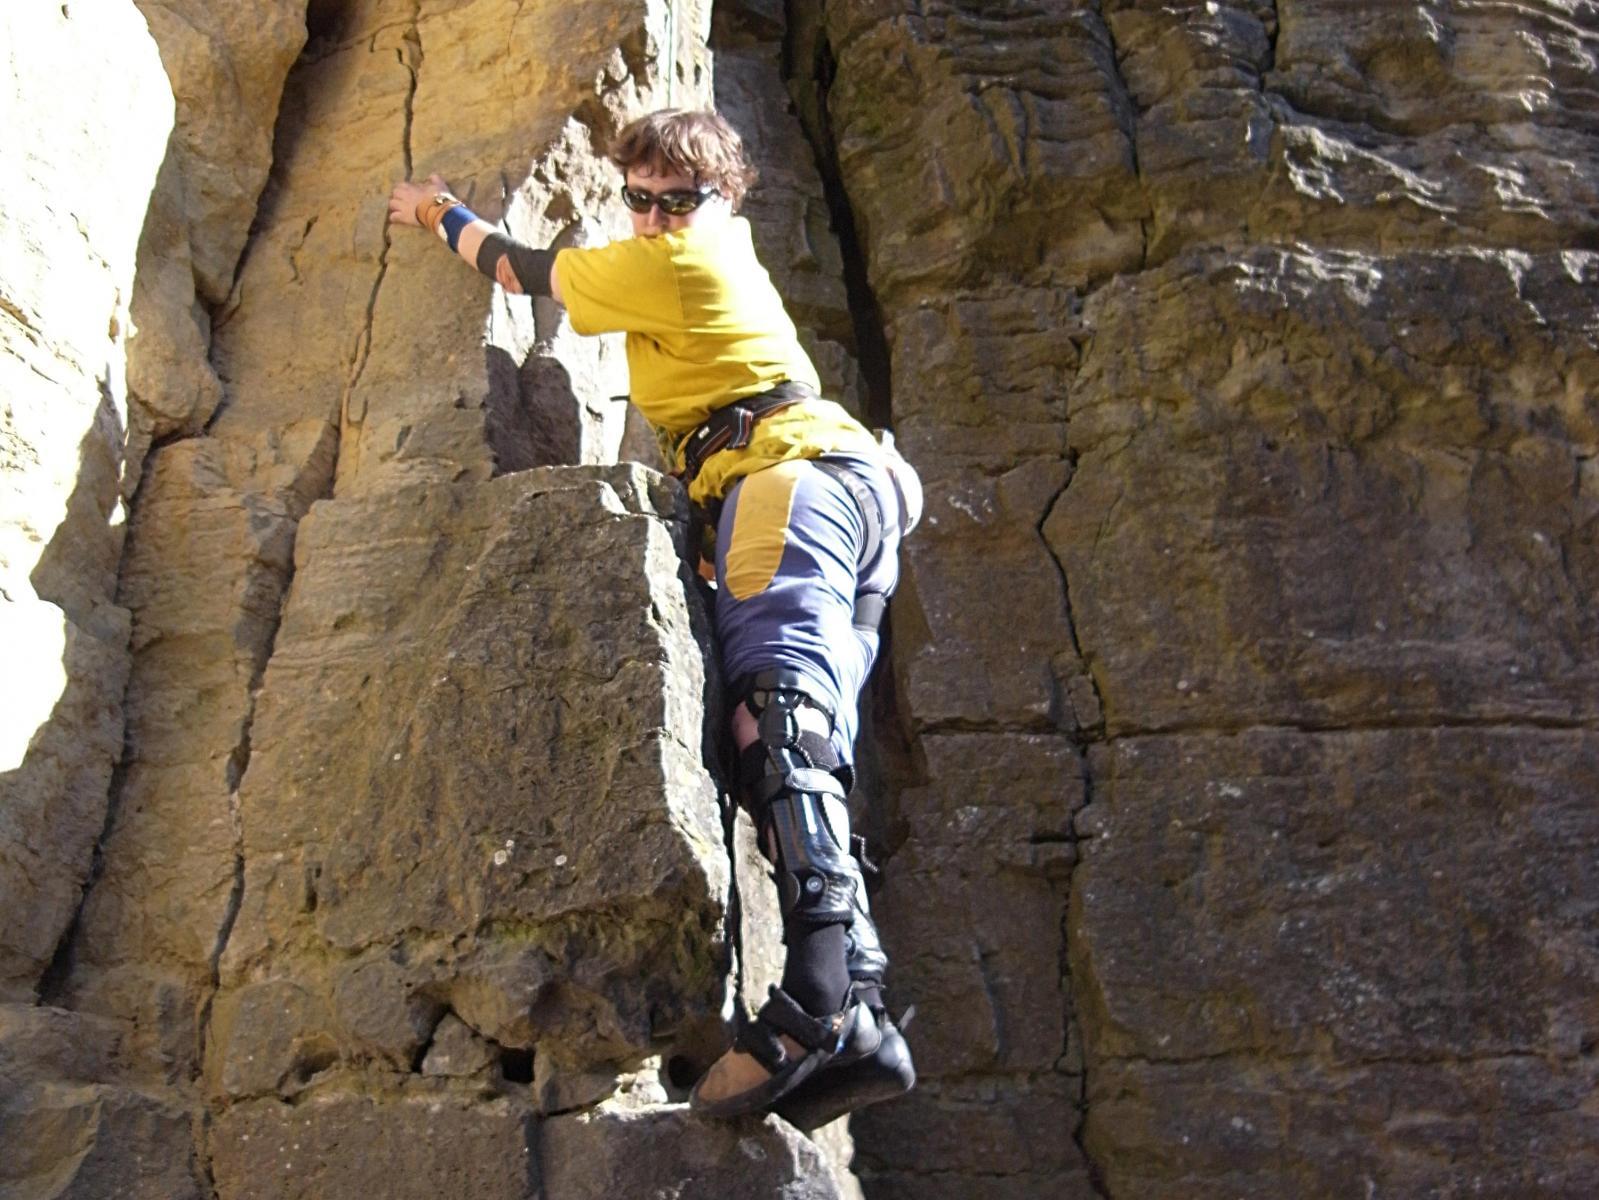 Behinderung, Klettern und Vorurteile